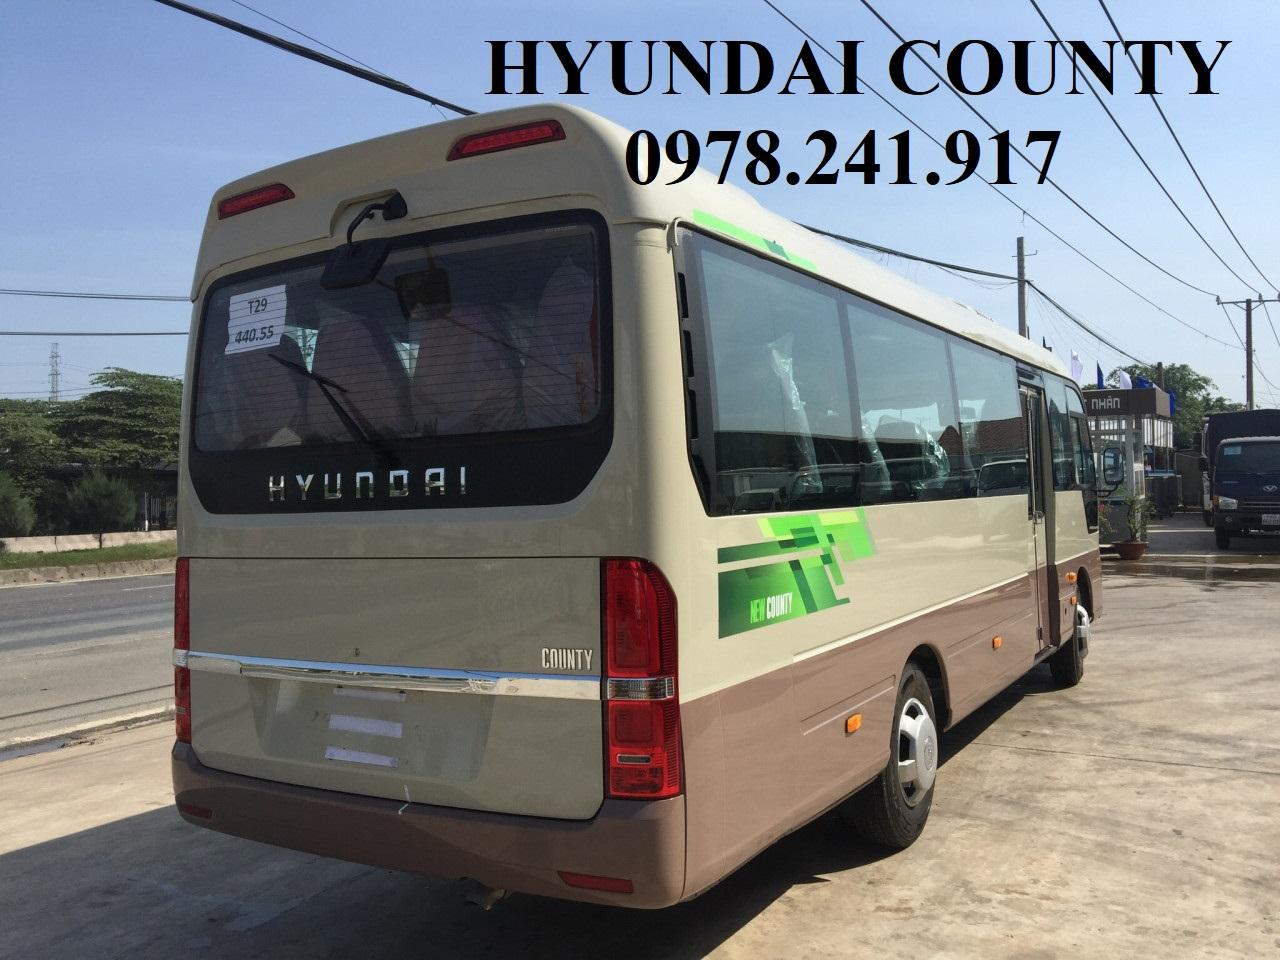 xe khách Hyundai county đời mới